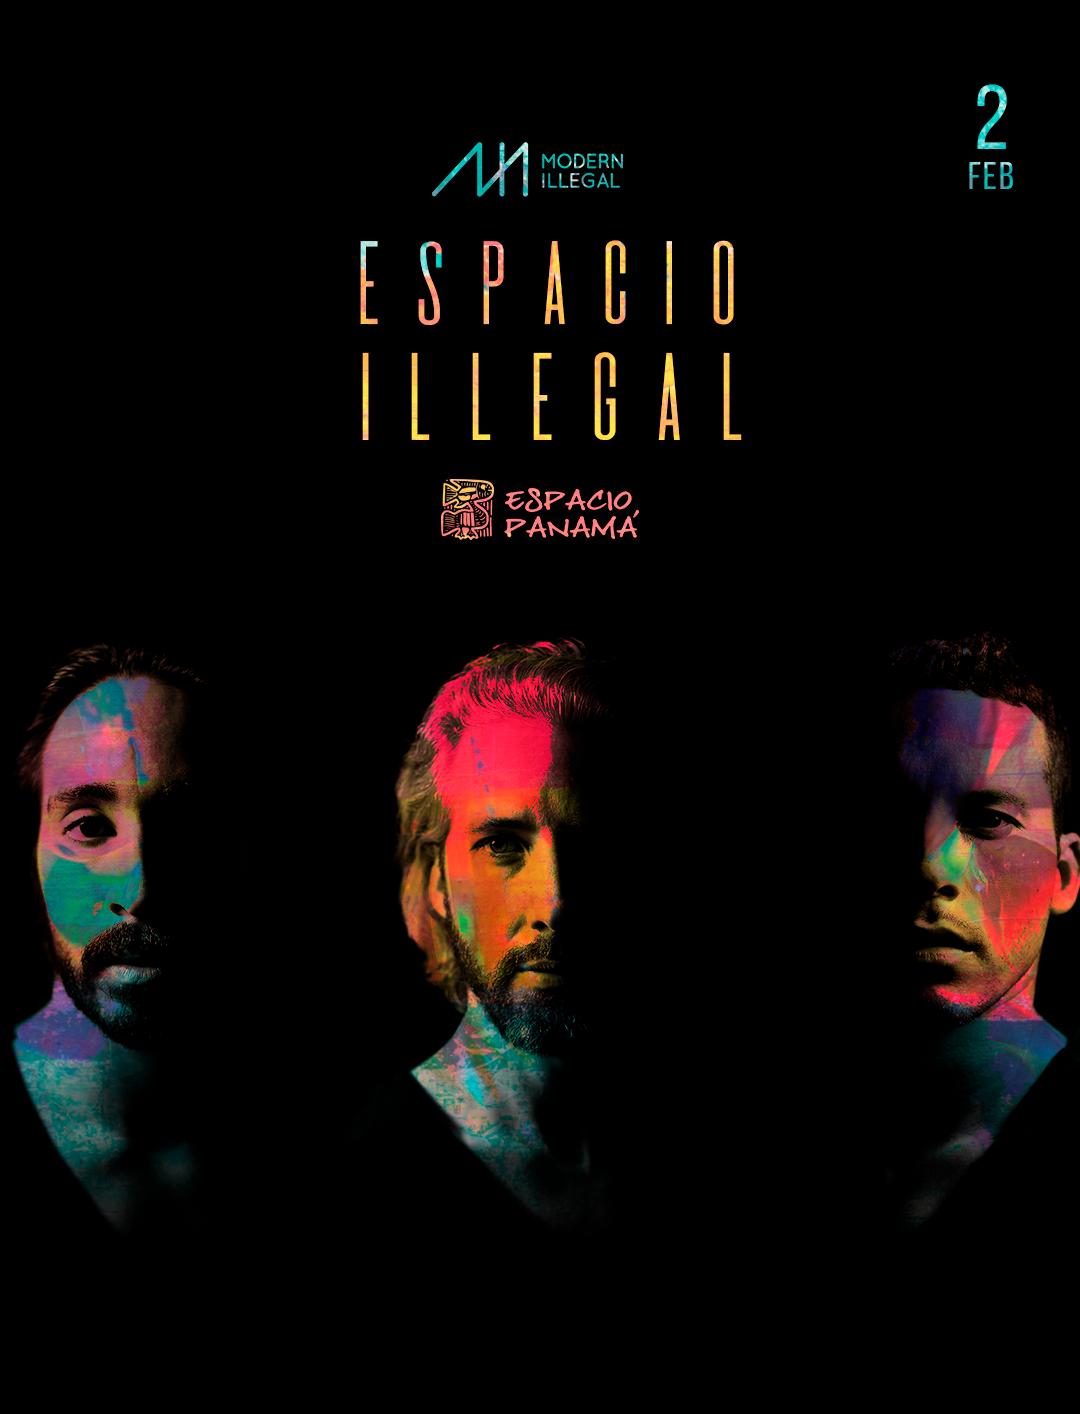 Espacio_illegal_feb_post.png